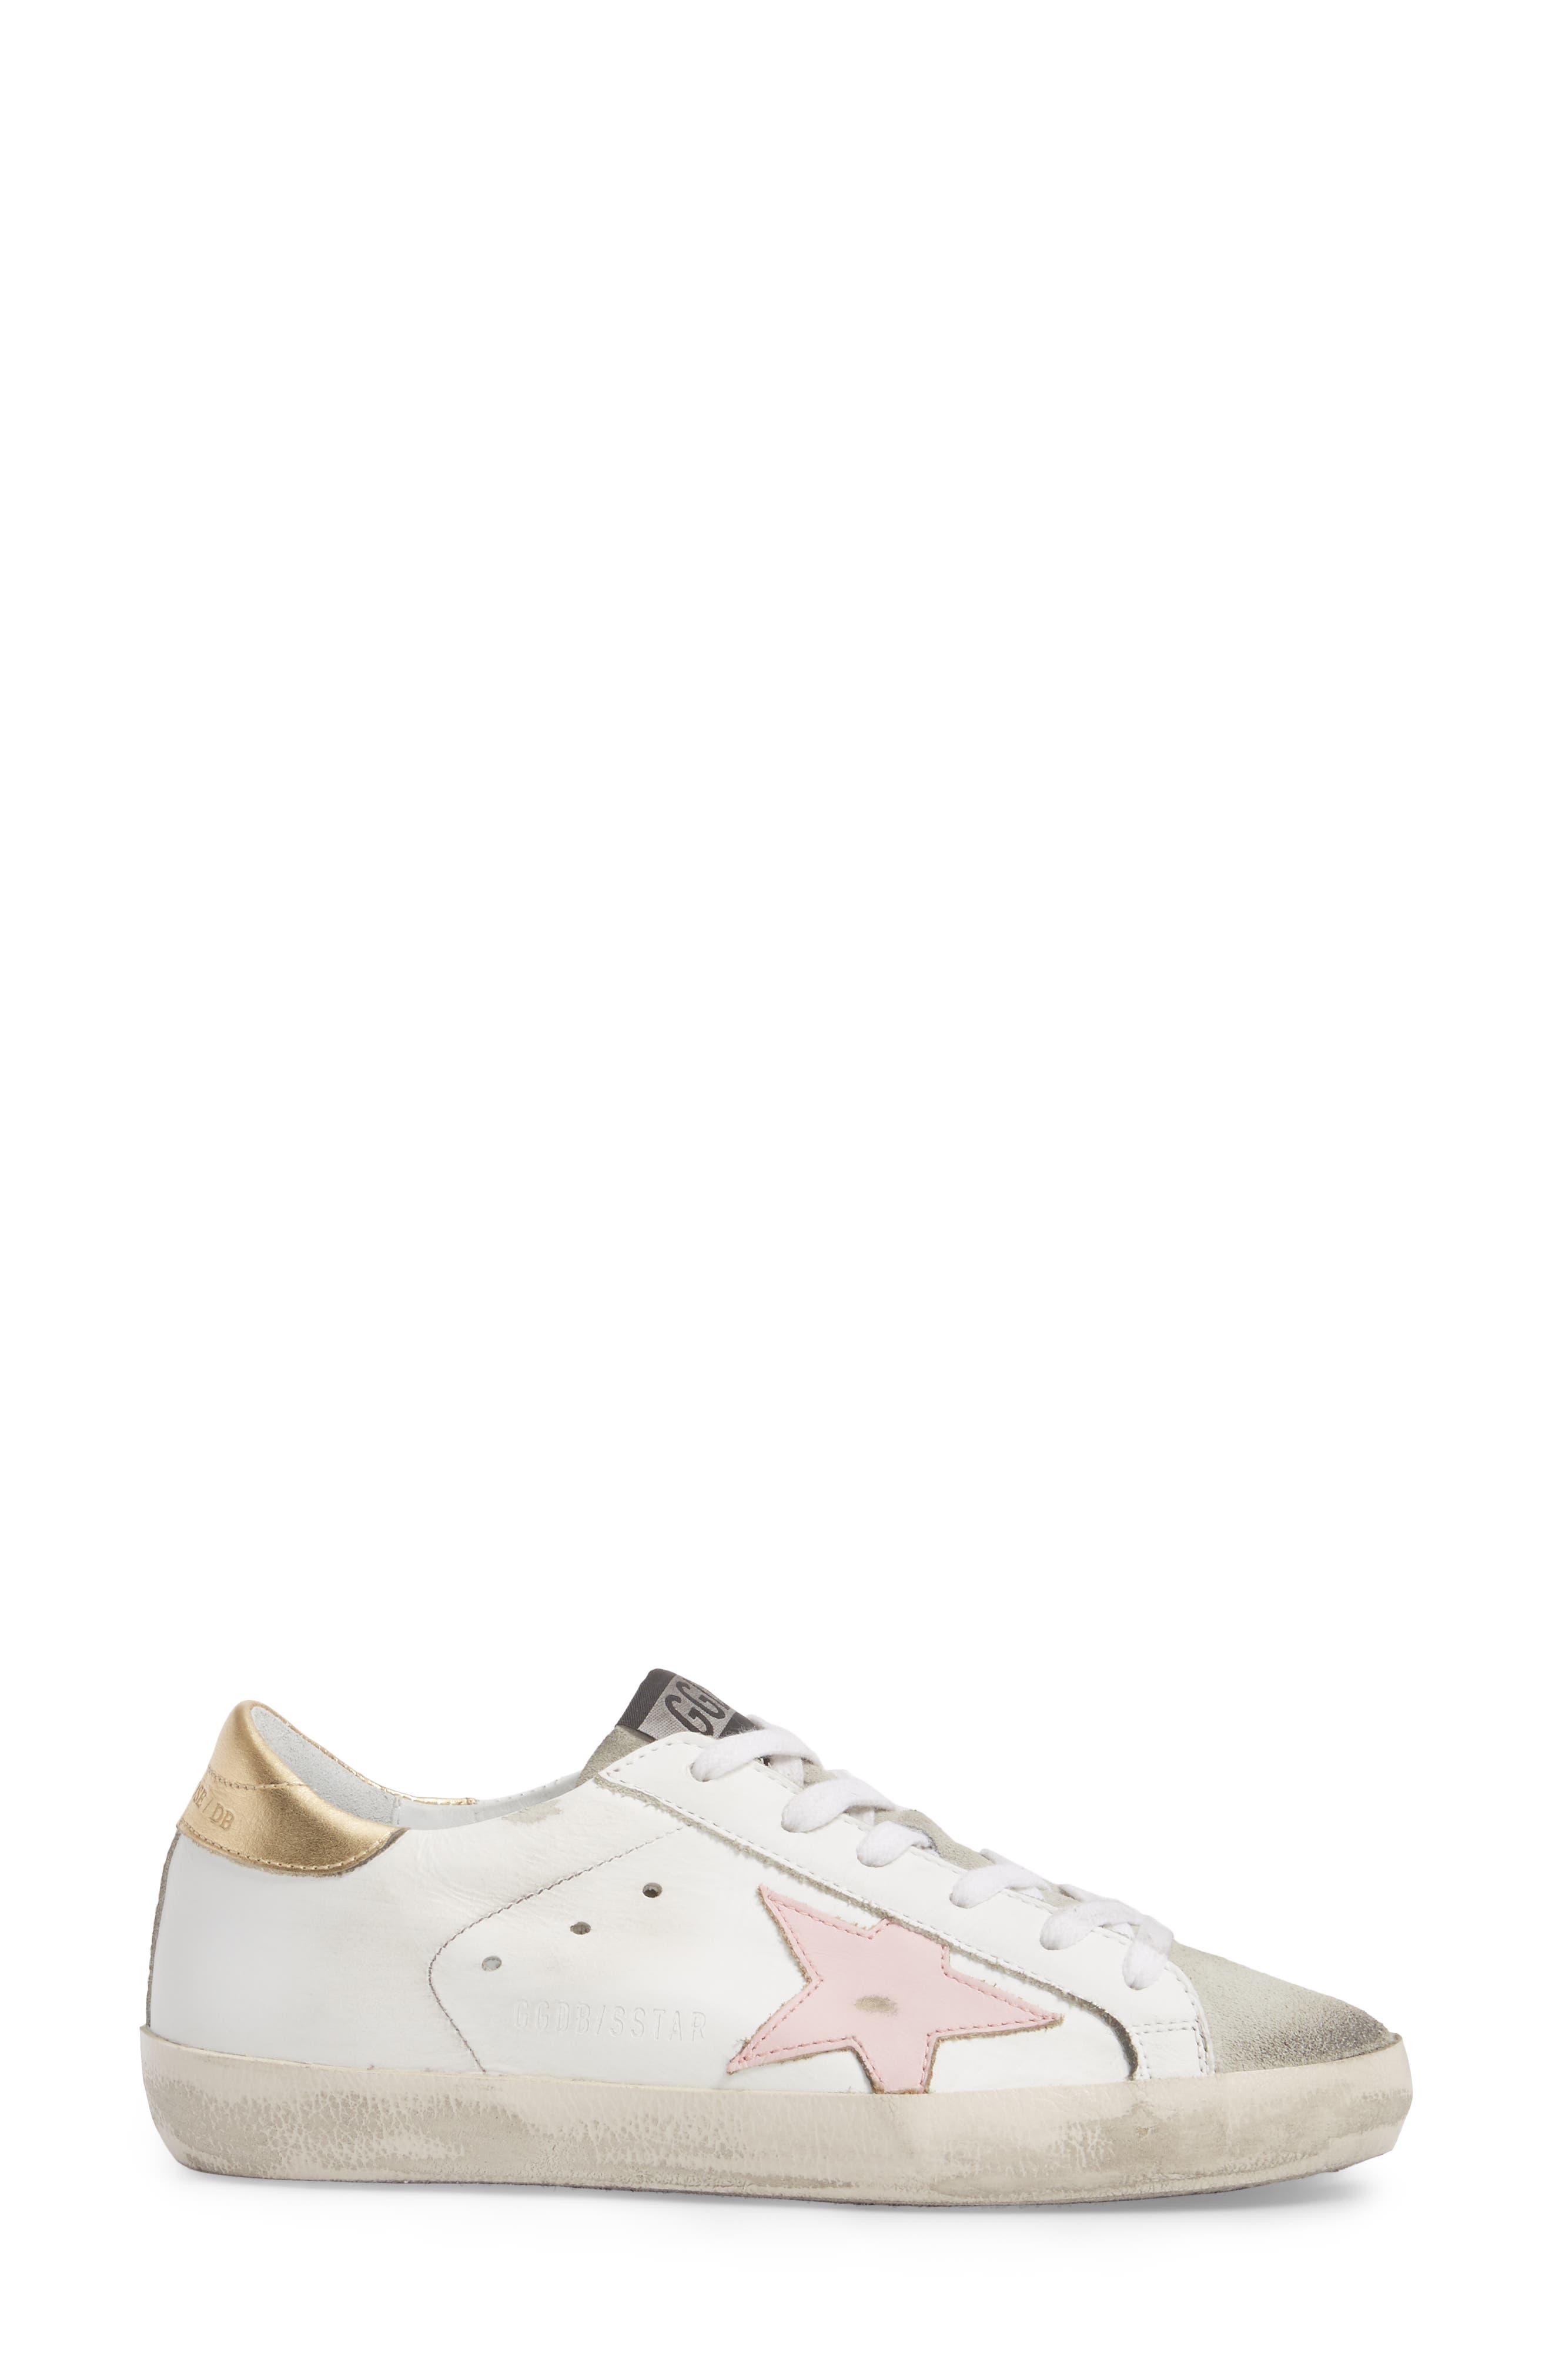 Alternate Image 3  - Golden Goose Superstar Low Top Sneaker (Women)